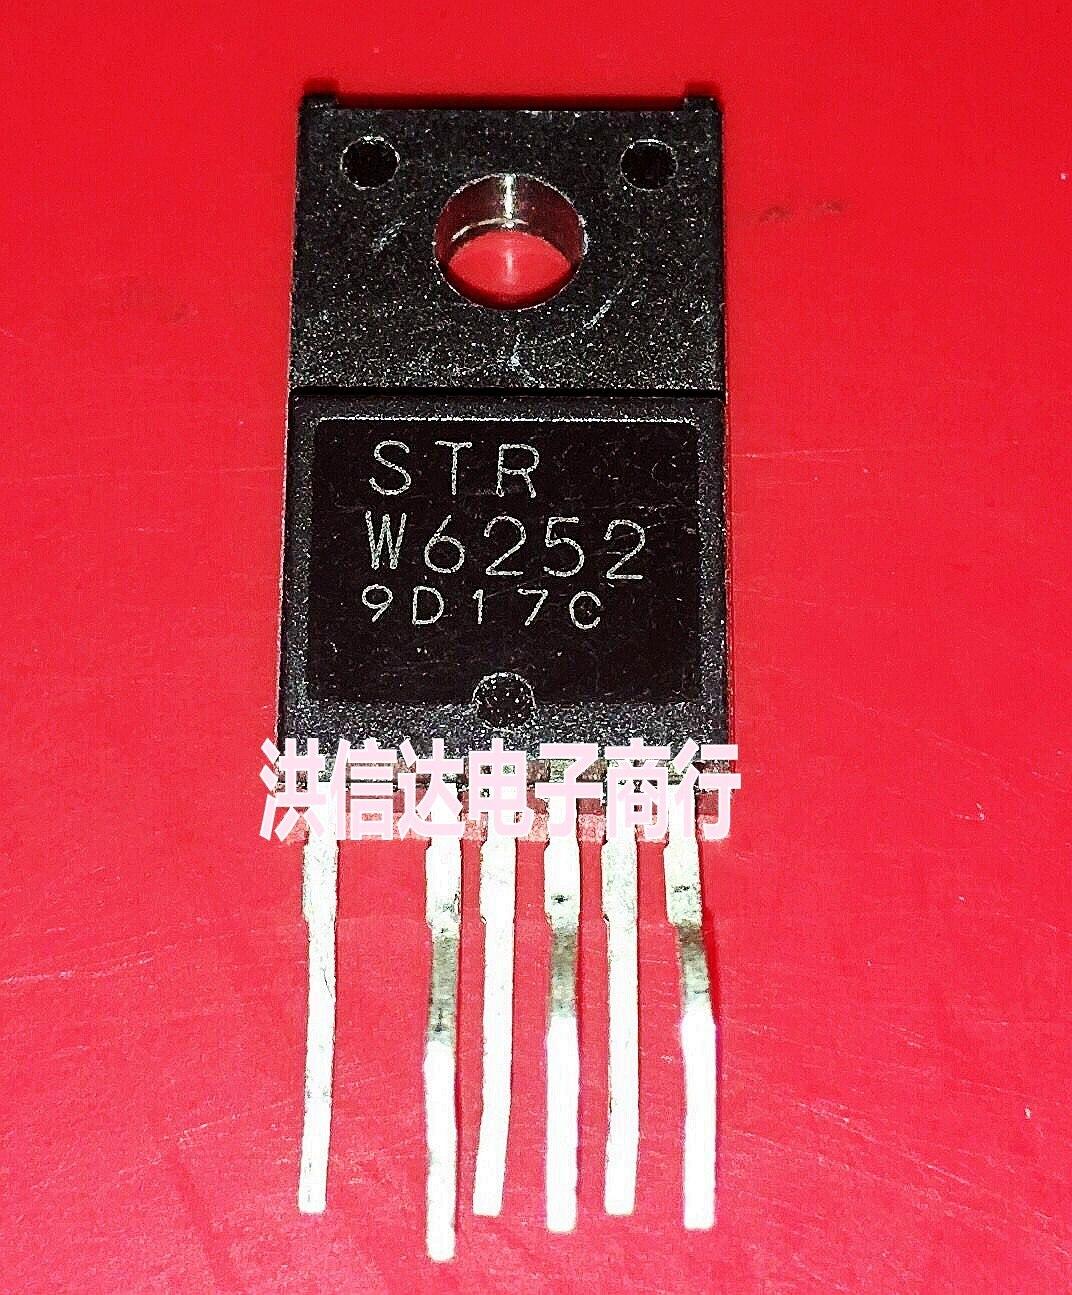 1pcs/lot STRW6252 STR-W6252 TO-220F In Stock